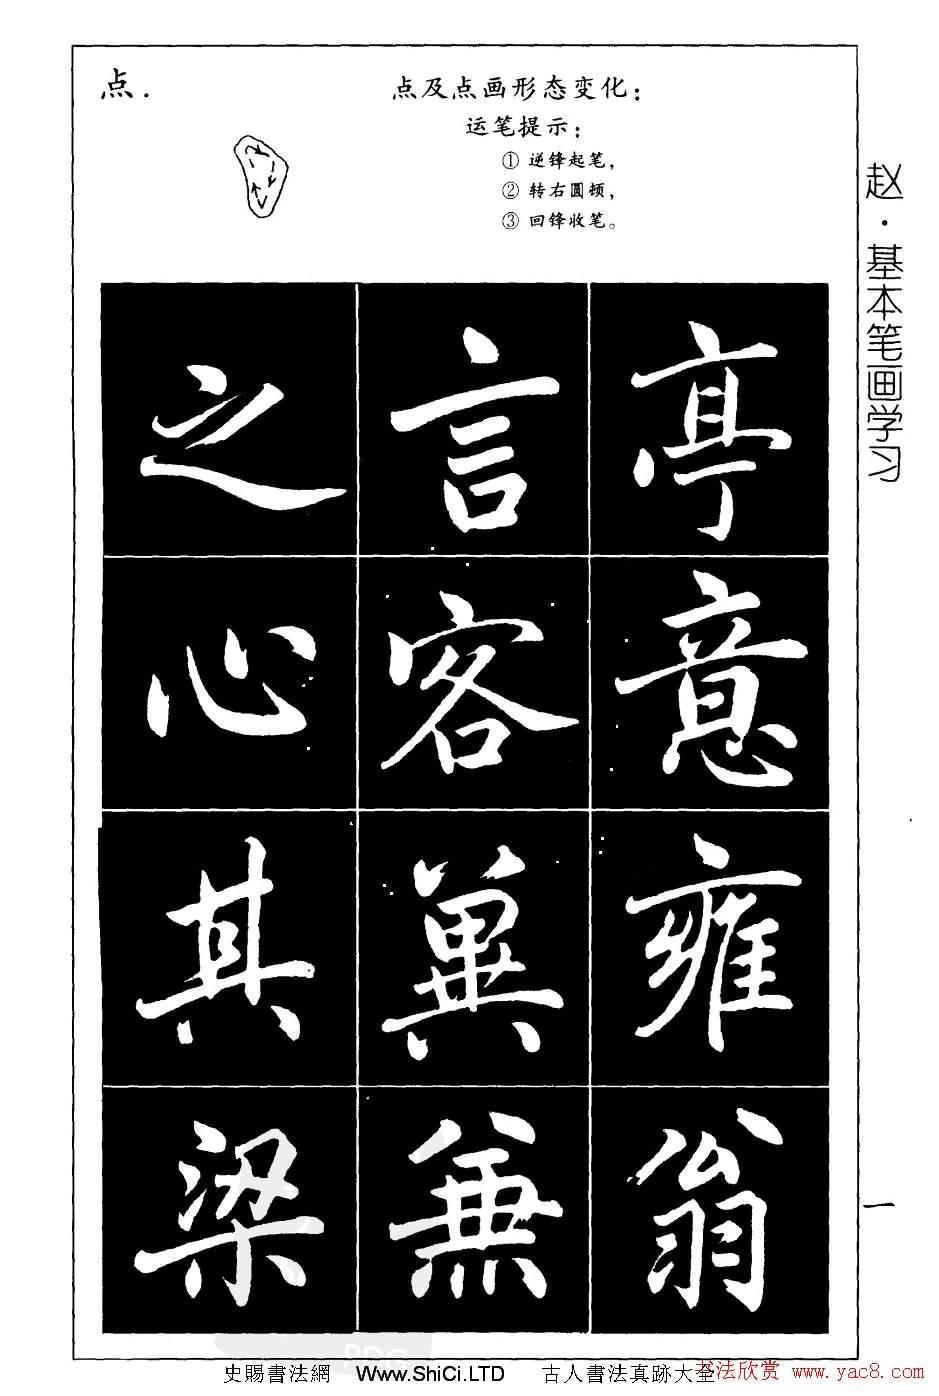 趙孟頫楷書習字帖放大圖片44P(共44張圖片)